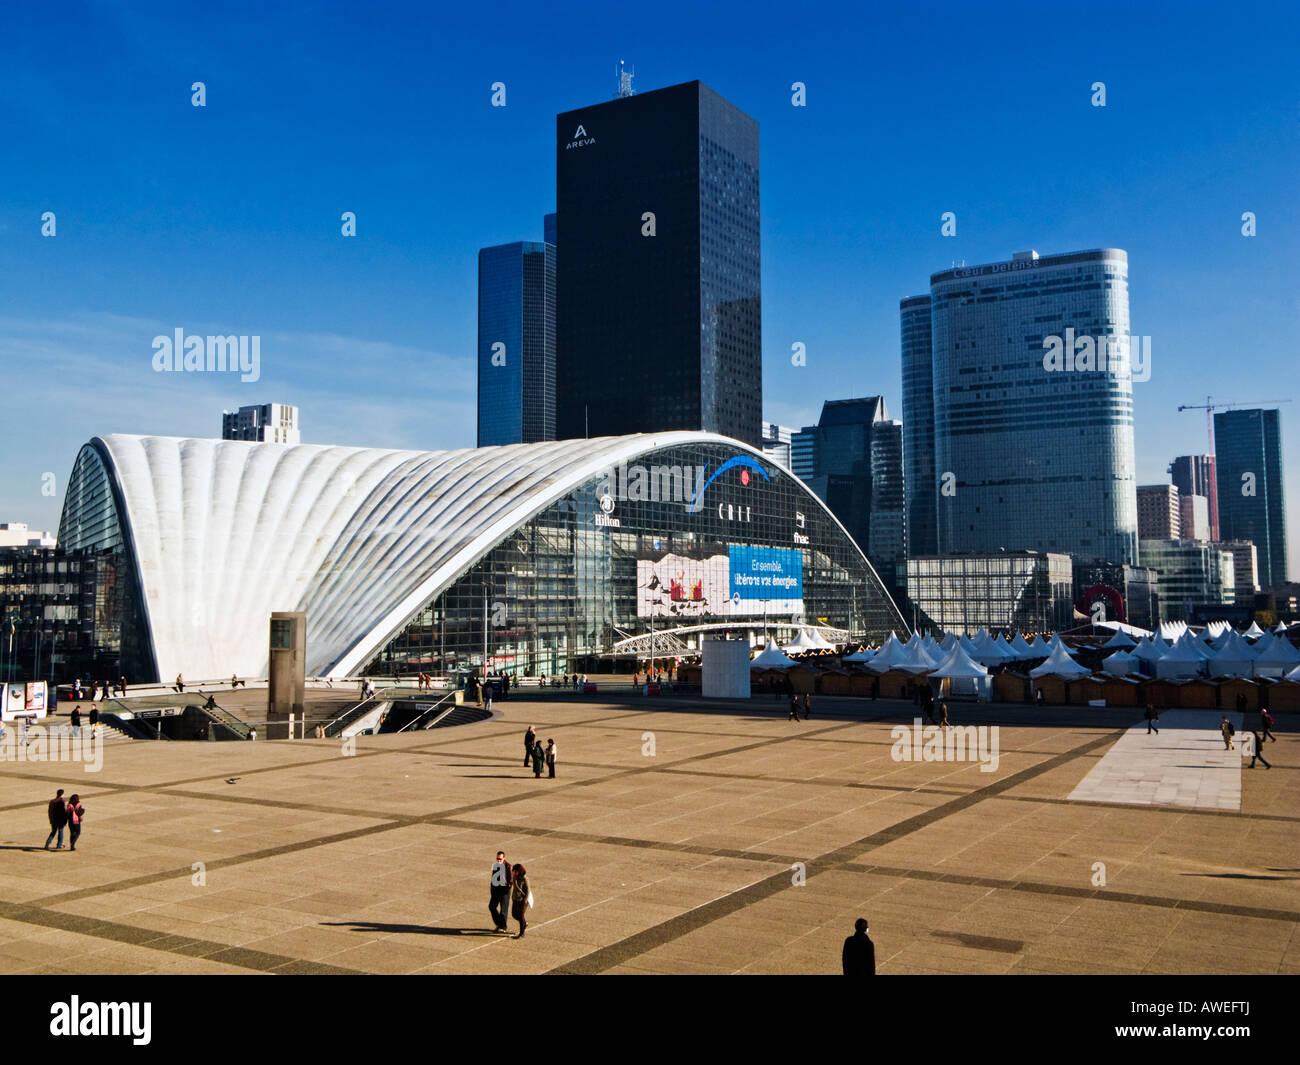 Business district of La Defense, Paris, France - Stock Image